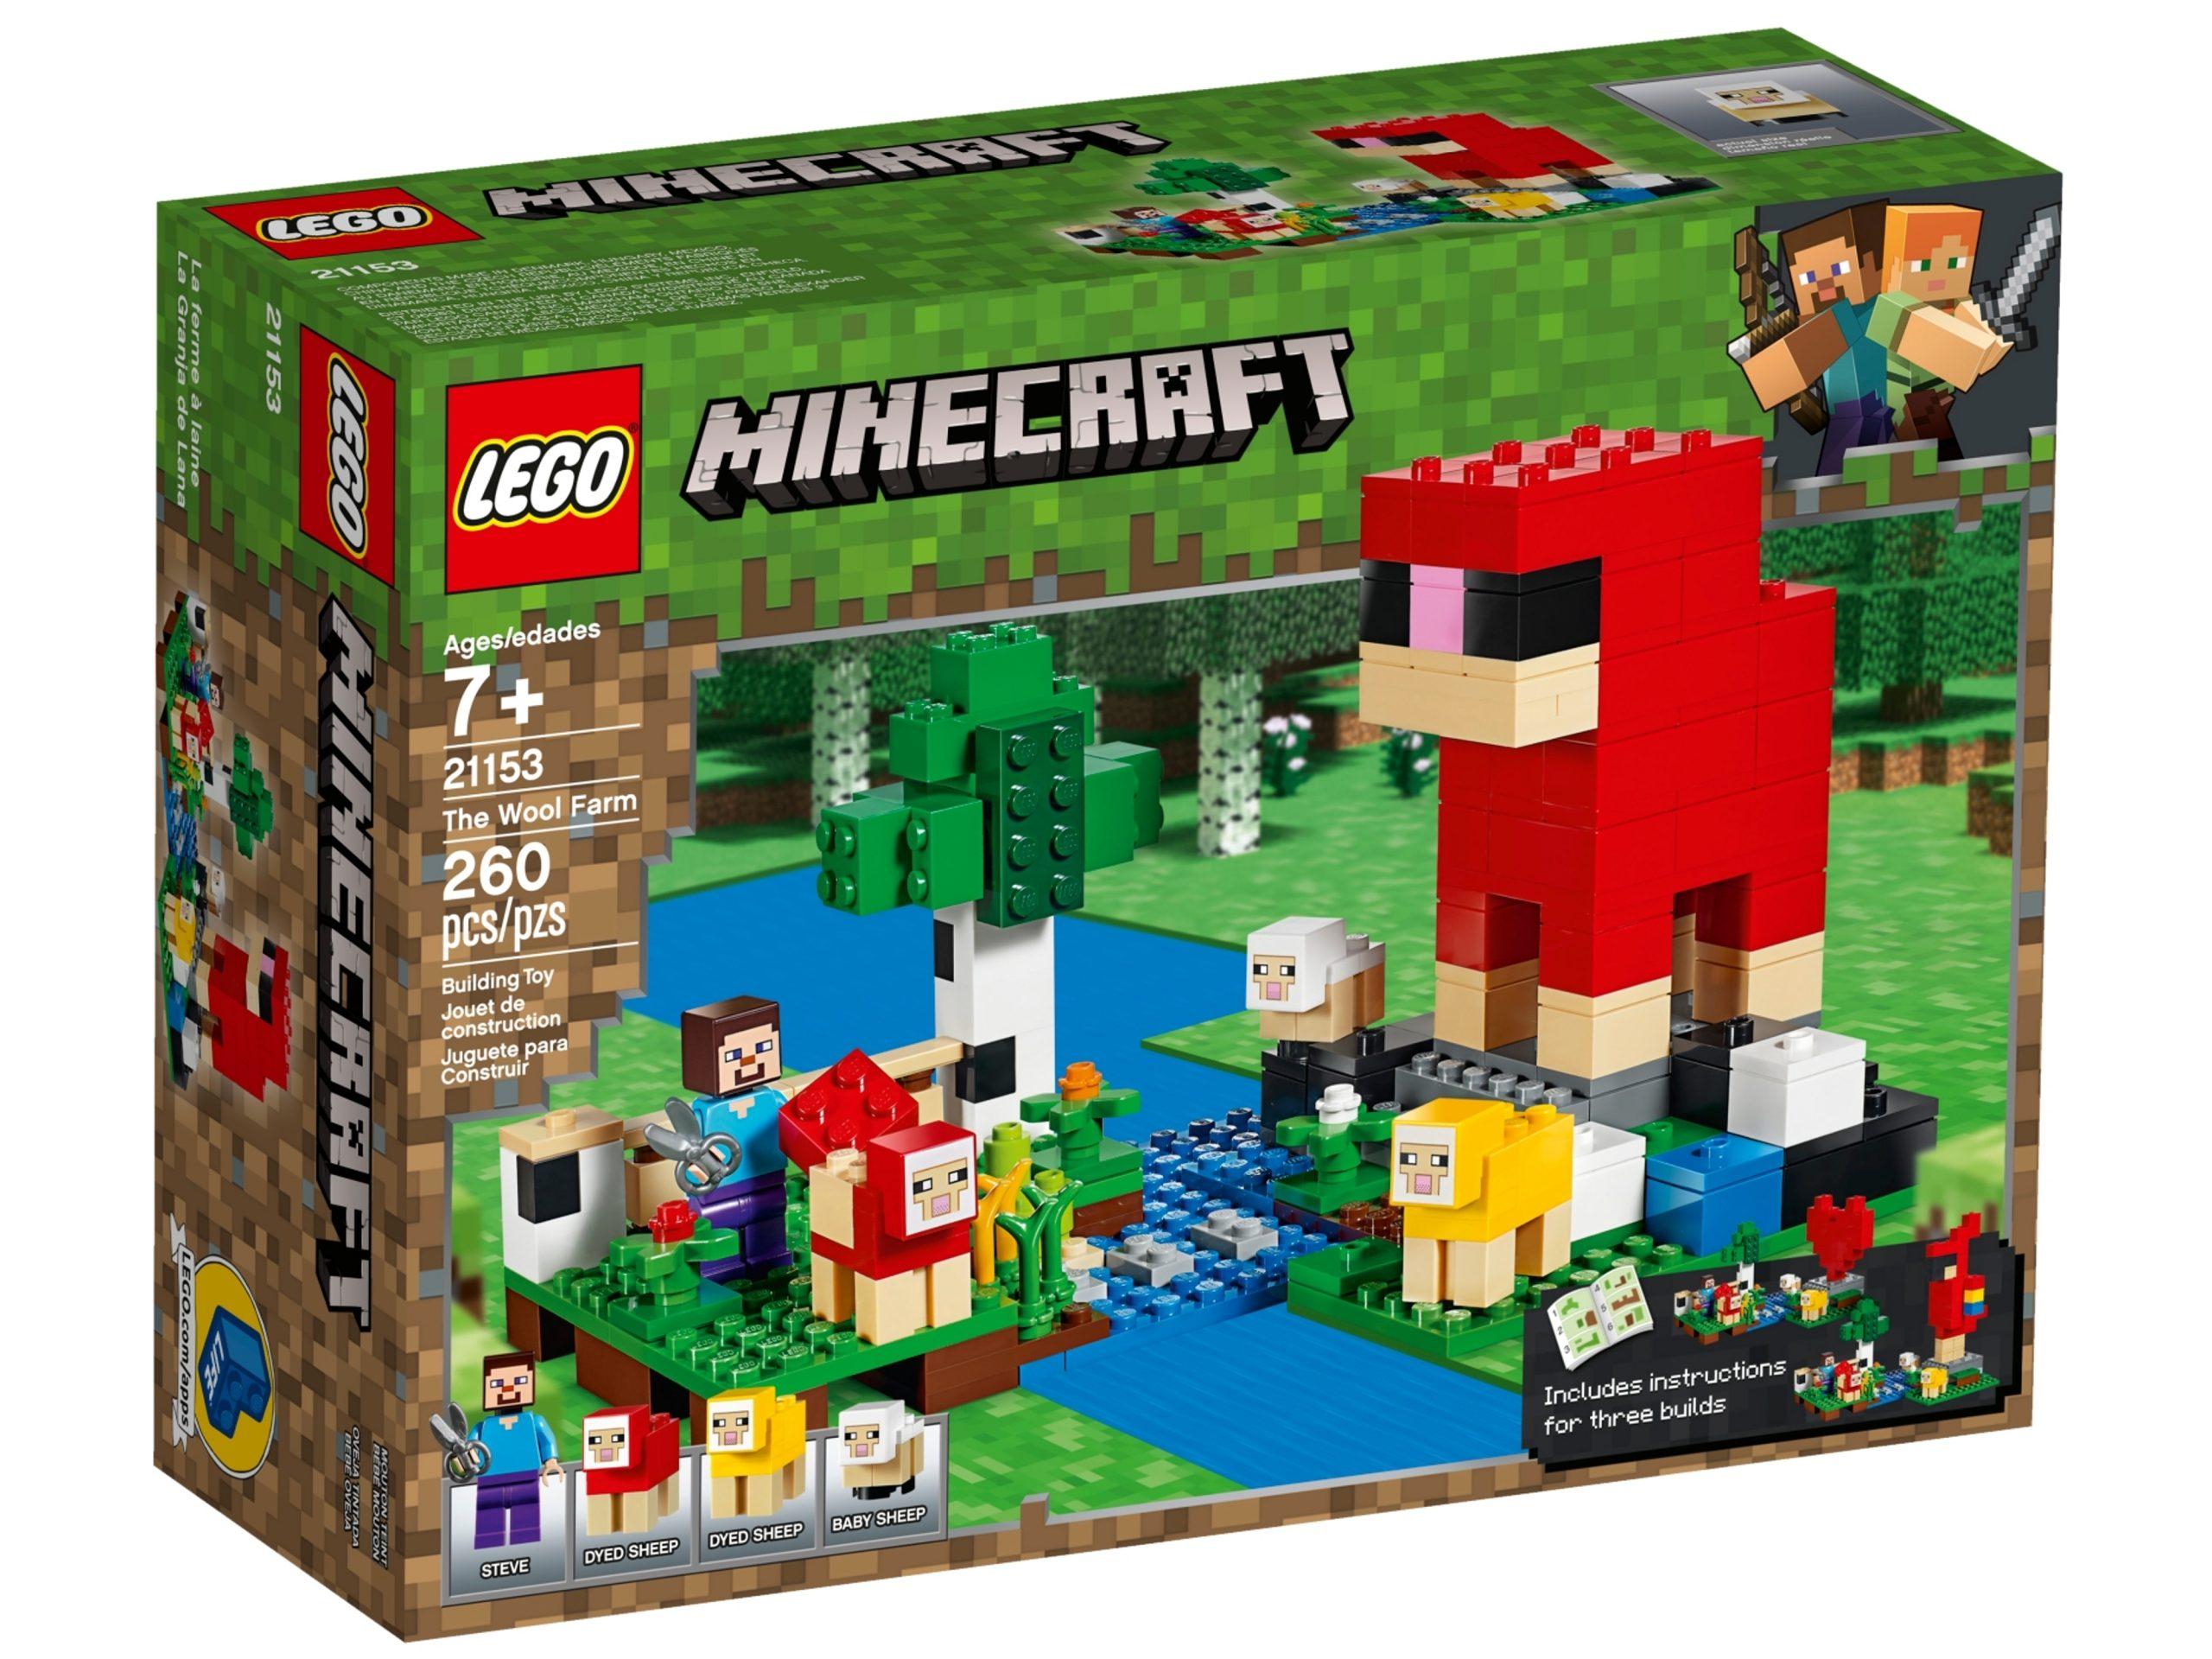 lego 21153 uldfarmen scaled